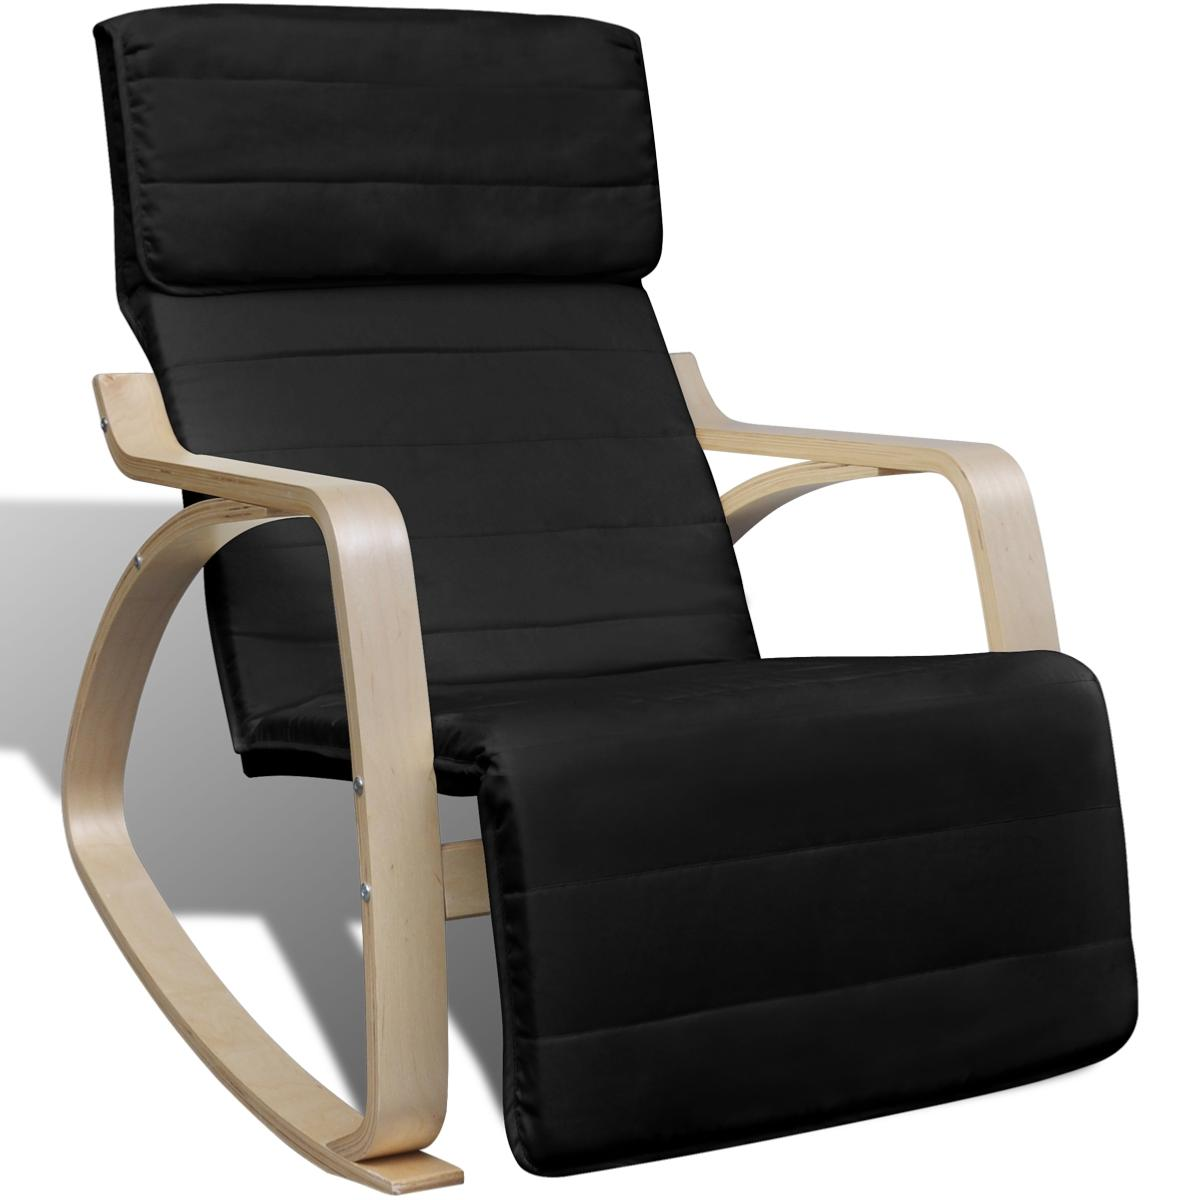 rocking chair design en bois de bouleau 2 coloris. Black Bedroom Furniture Sets. Home Design Ideas